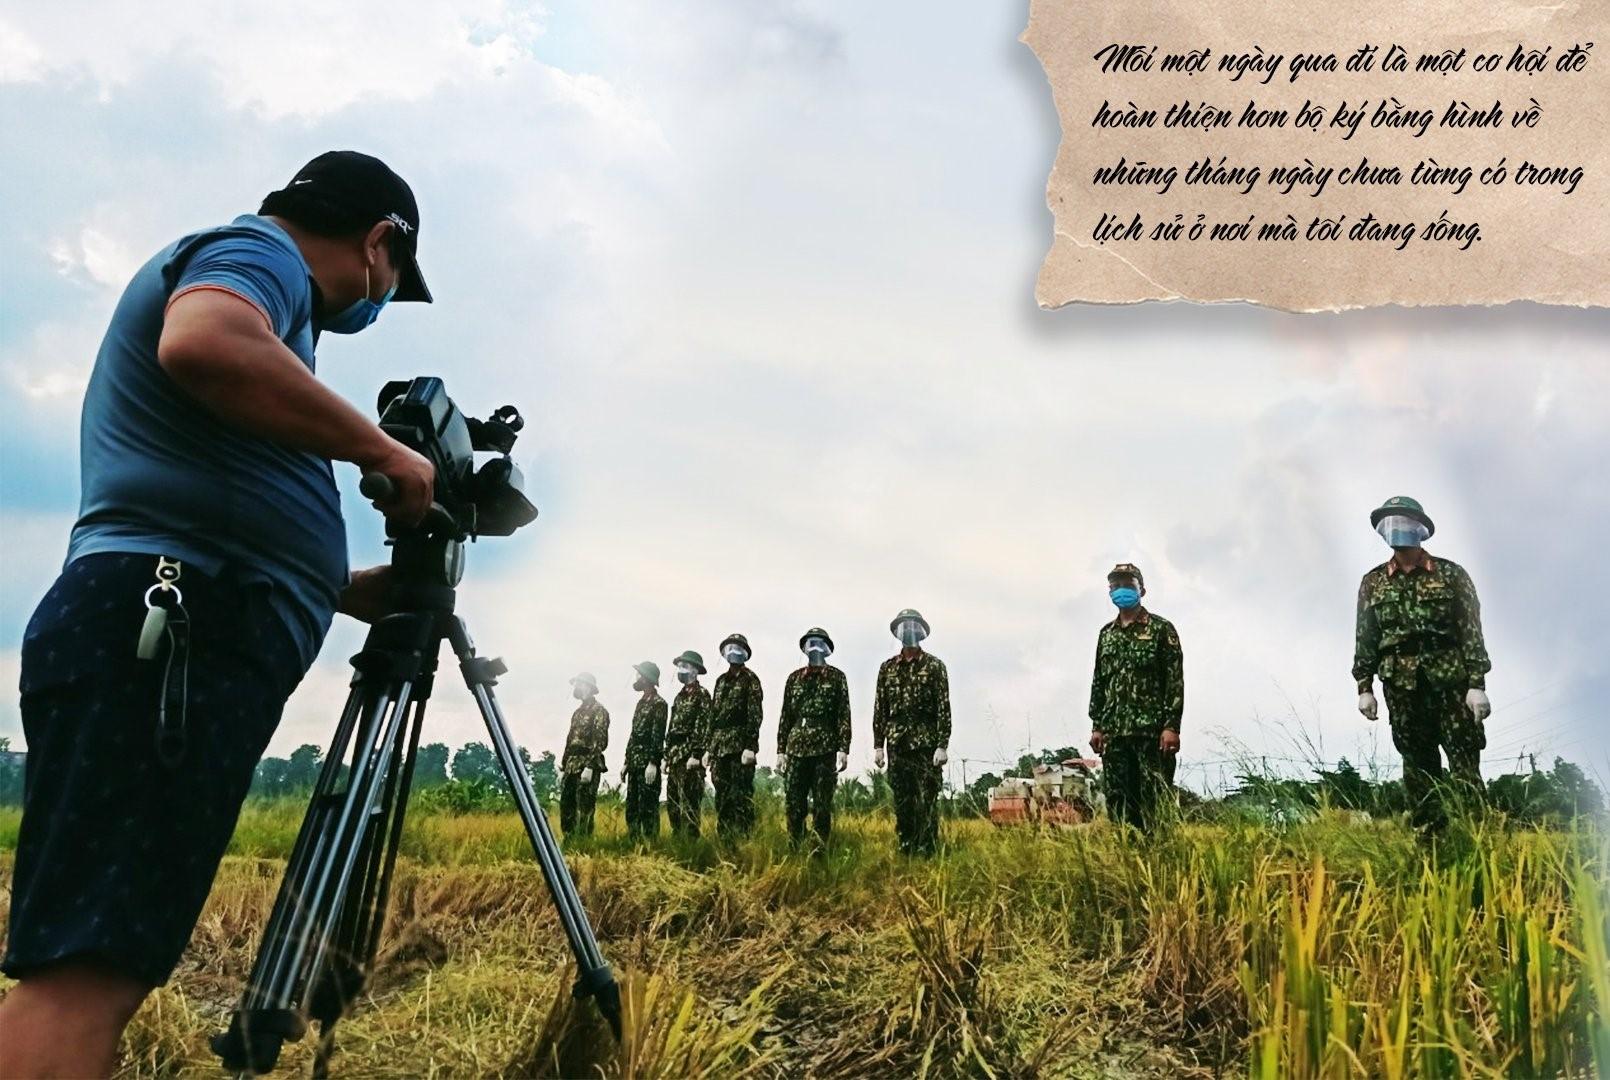 Anh đã ghi lại câu chuyện về cuộc sống của người dân ở những xóm lao động nghèo, chuyện cấp cứu F0 và cả hình ảnh người lính tham gia chống dịch...